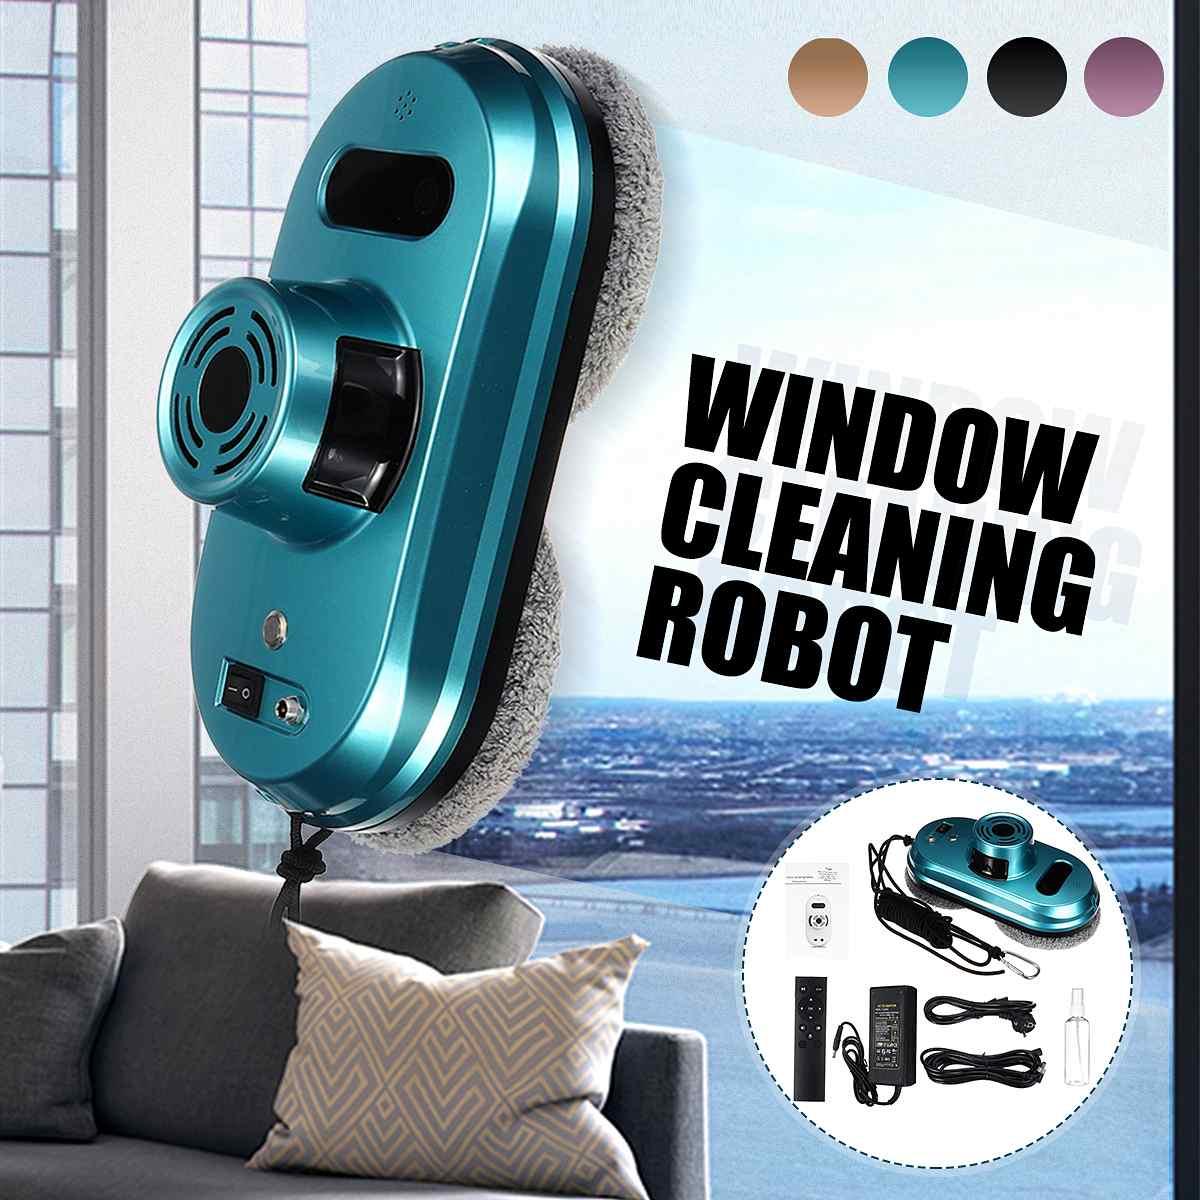 Автоматический мойщик окон, робот пылесос, пульт дистанционного управления, магнитное стекло, робот очиститель в рамке, инструмент для очис...